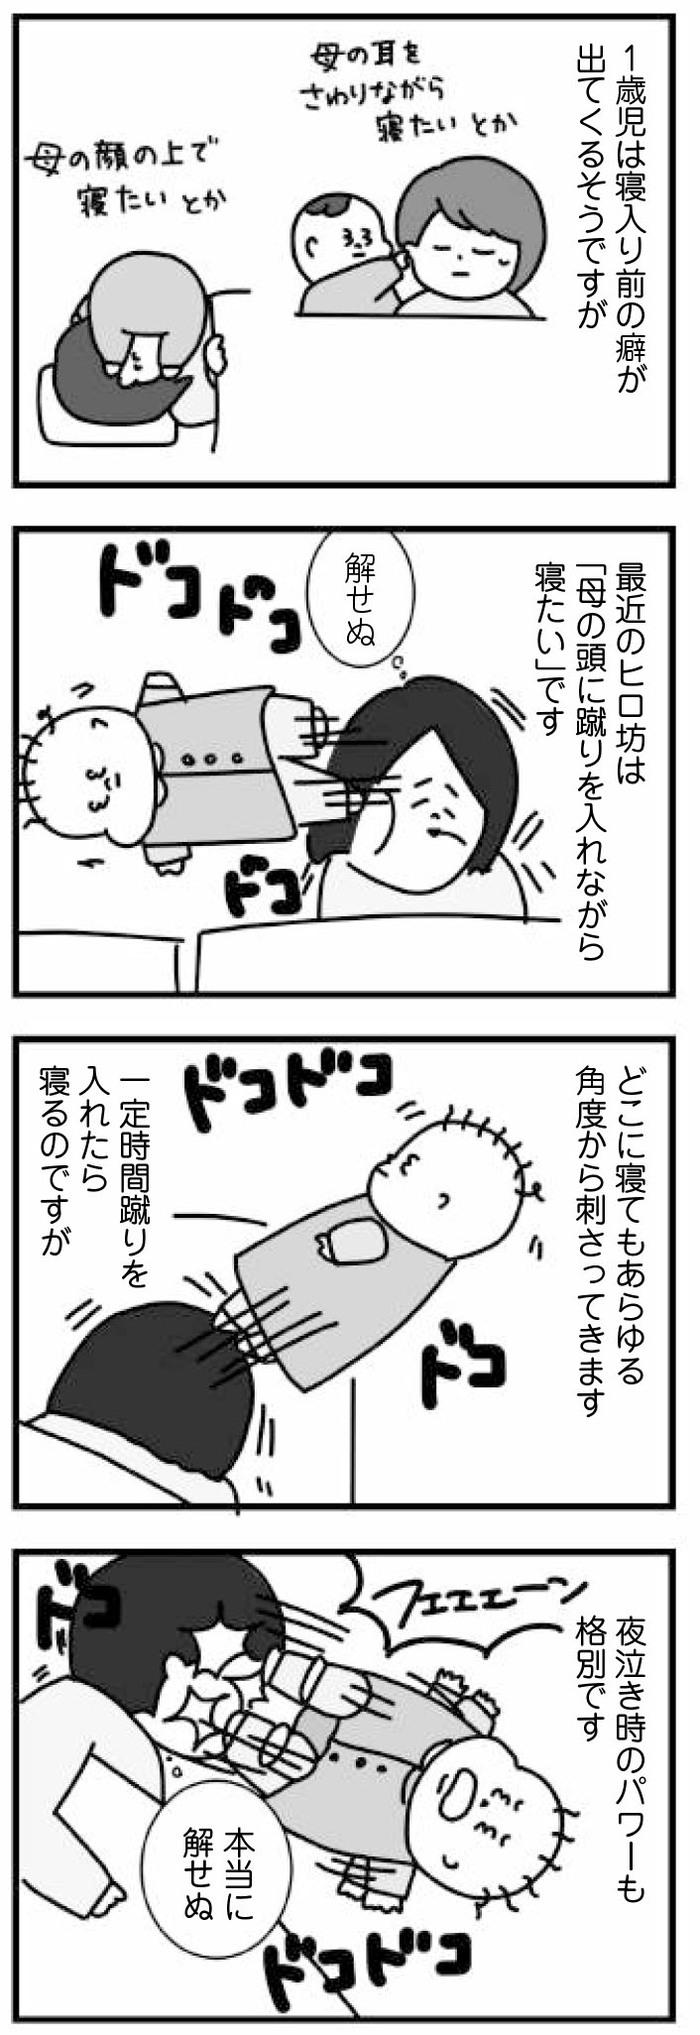 母のライフはもうゼロ!!その寝入り癖、やめてもらえませんかね(泣)の画像1